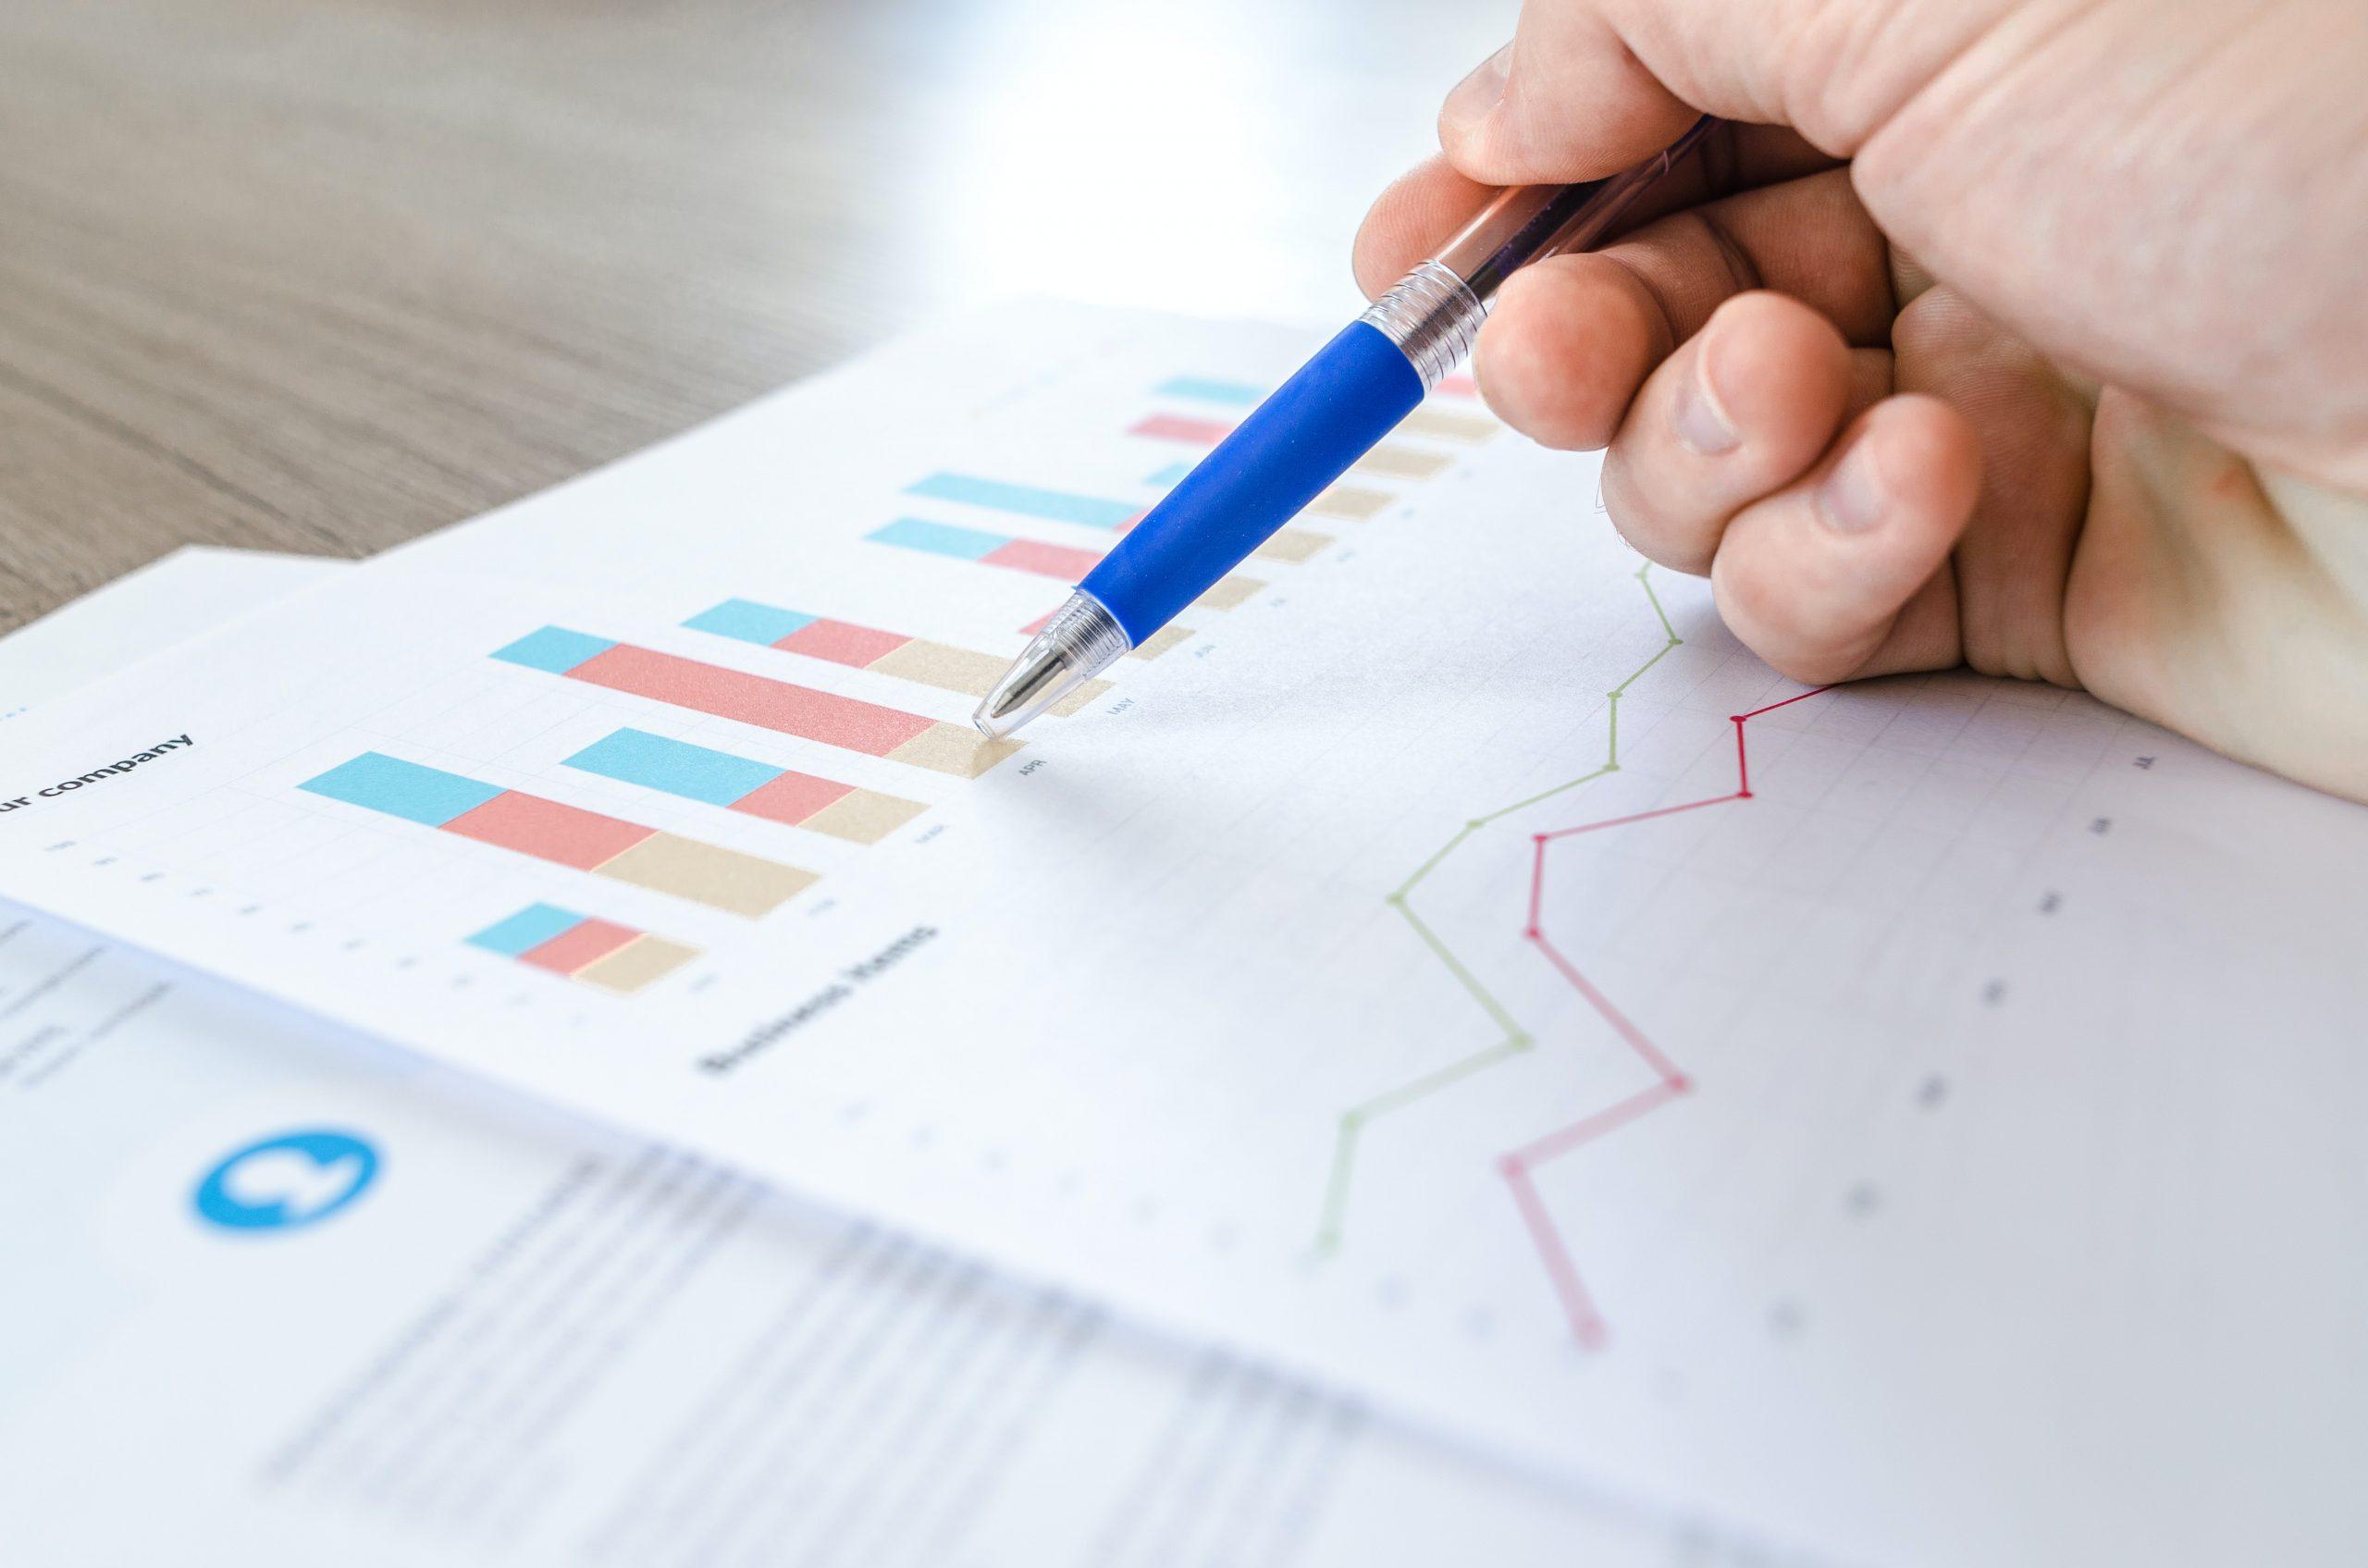 Analise de Graficos Soluções Financeiras